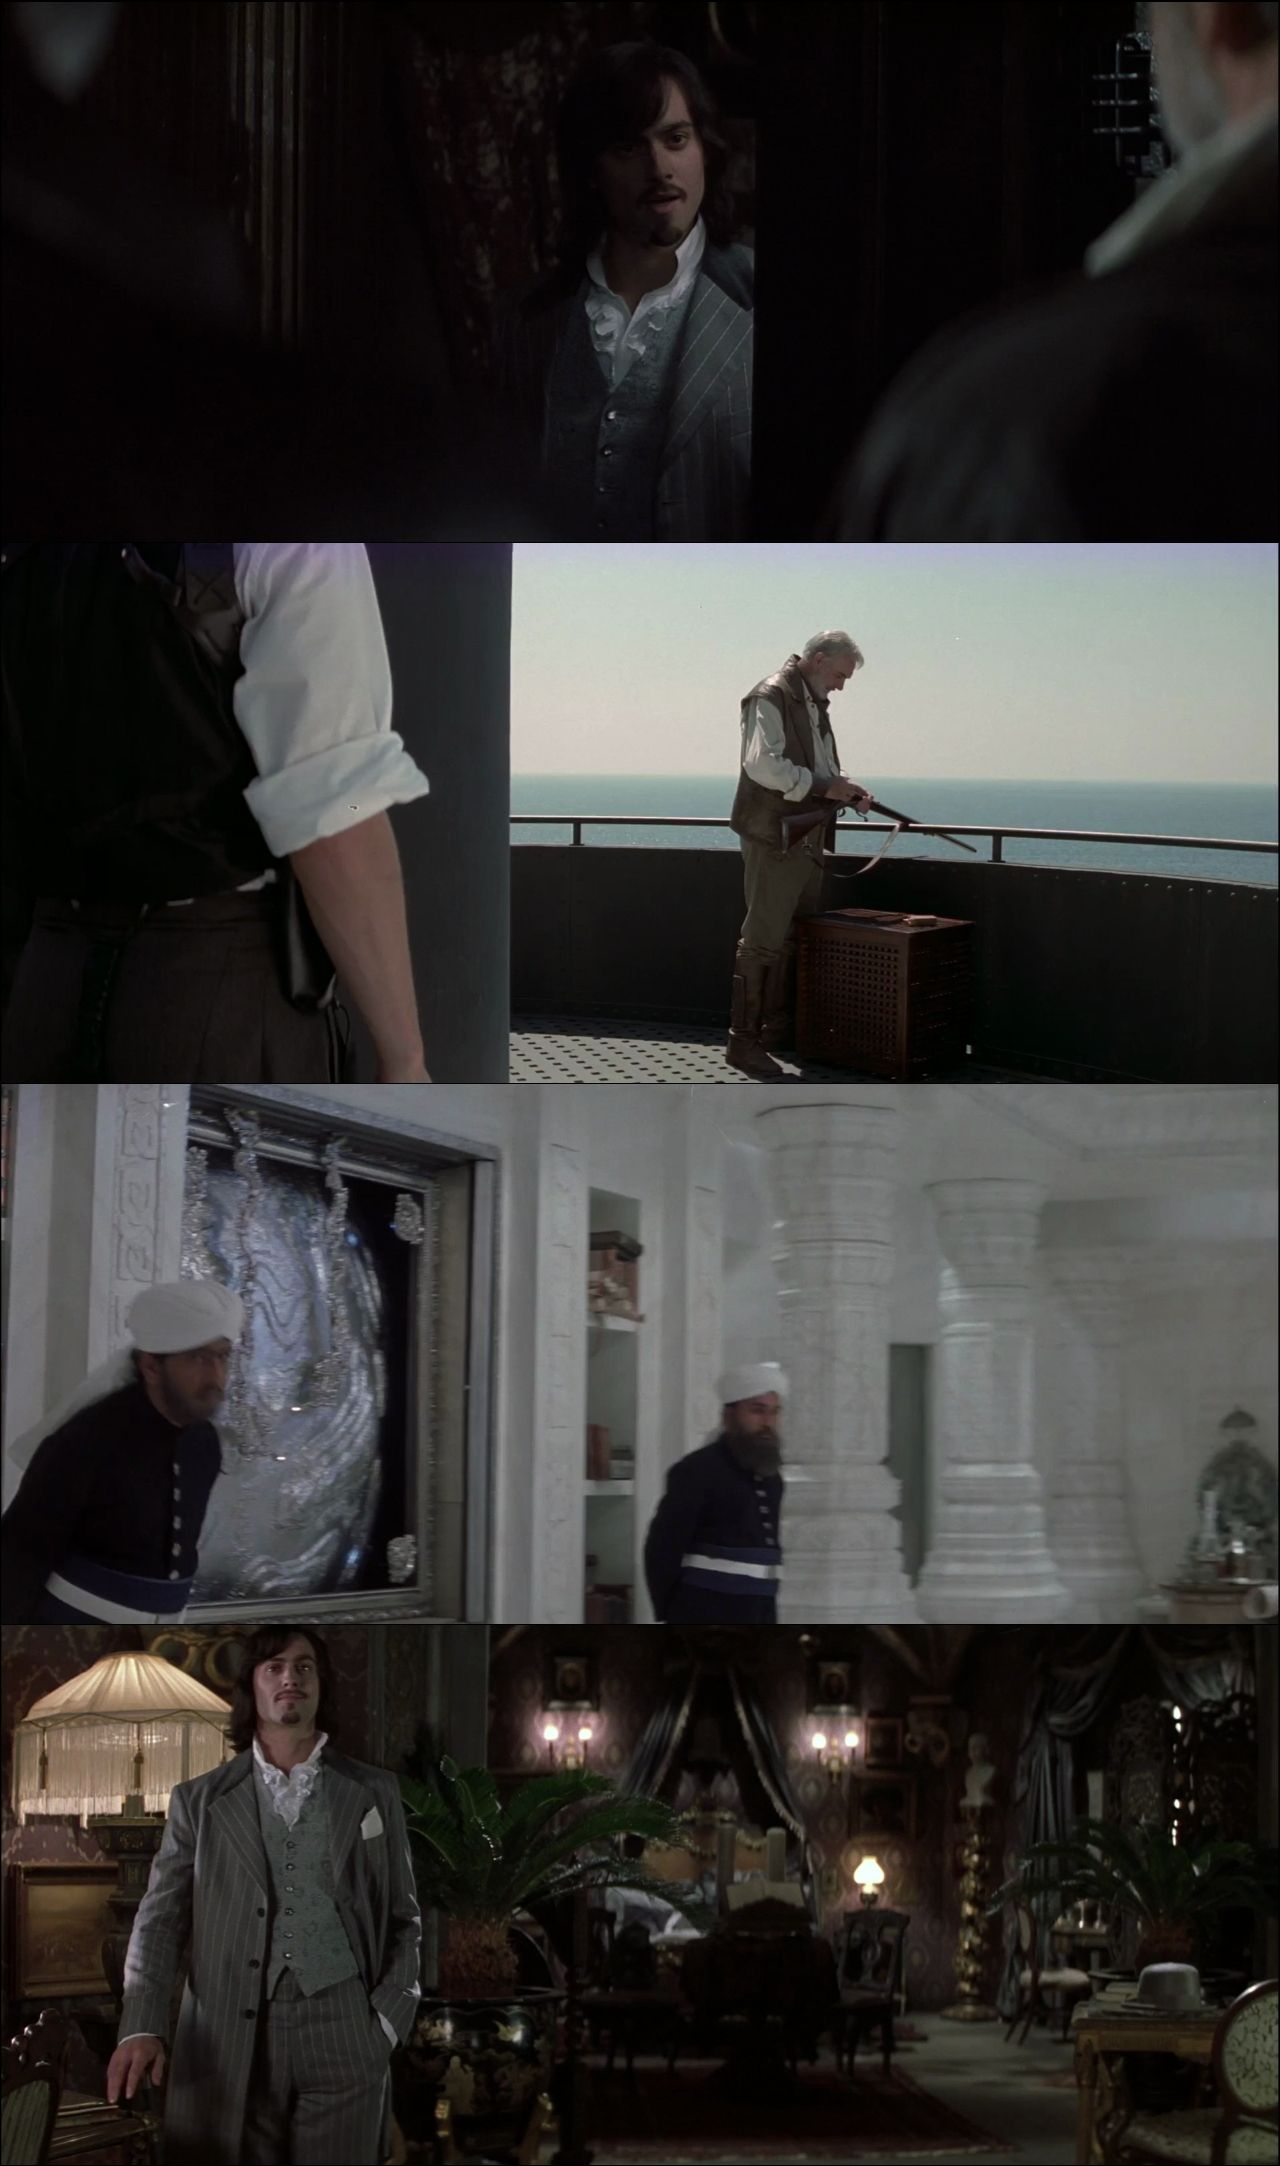 Muhteşem Kahramanlar - The League of Extraordinary Gentlemen (2003) türkçe dublaj hd indir